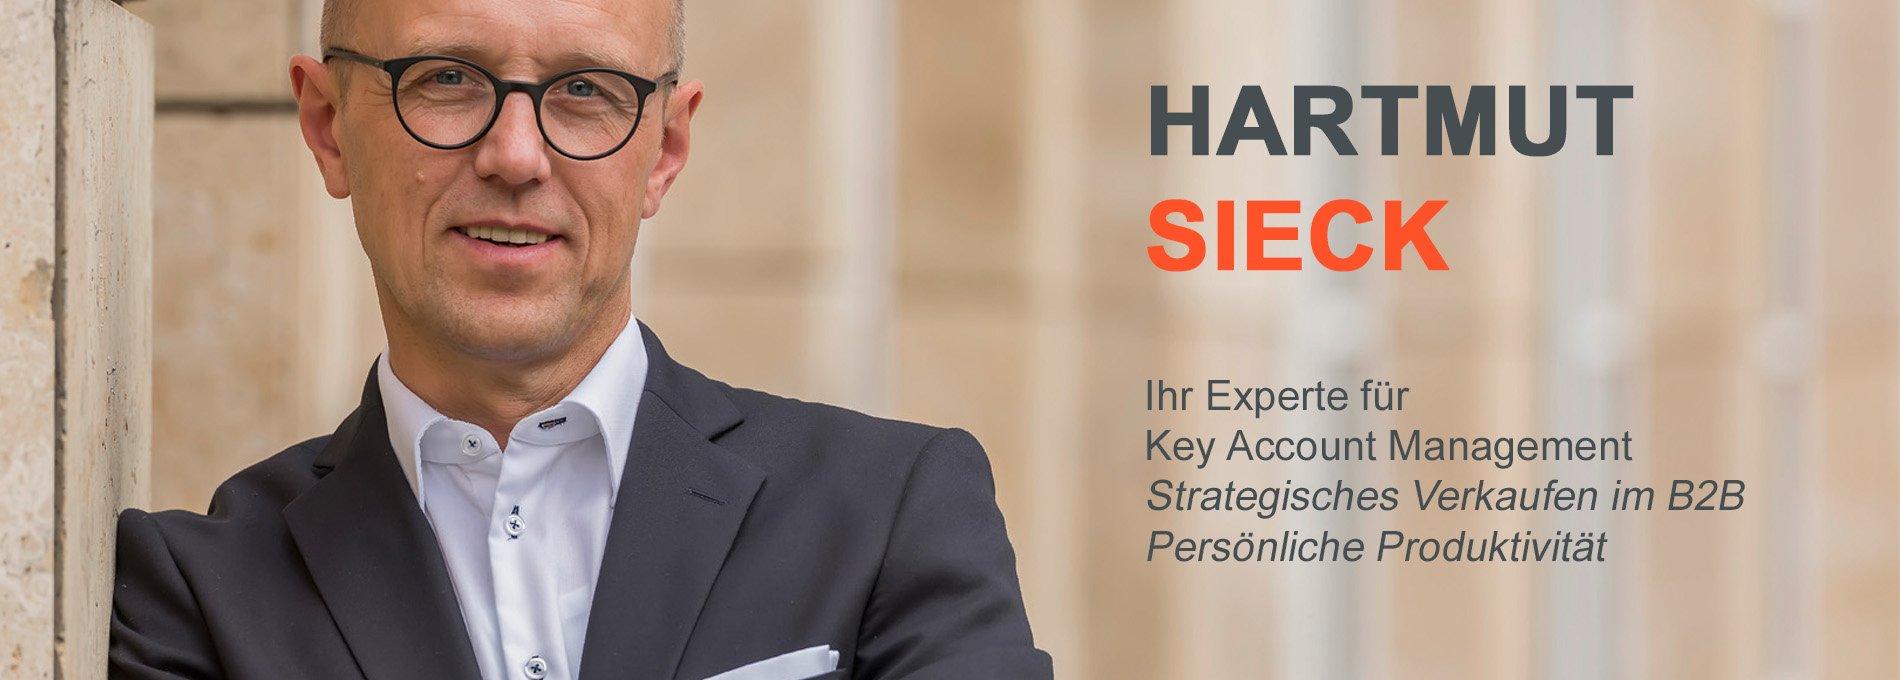 Hartmut Sieck - Experte für Key Account Management, strategisches Verkaufen im B2B, persönliche Produktivität